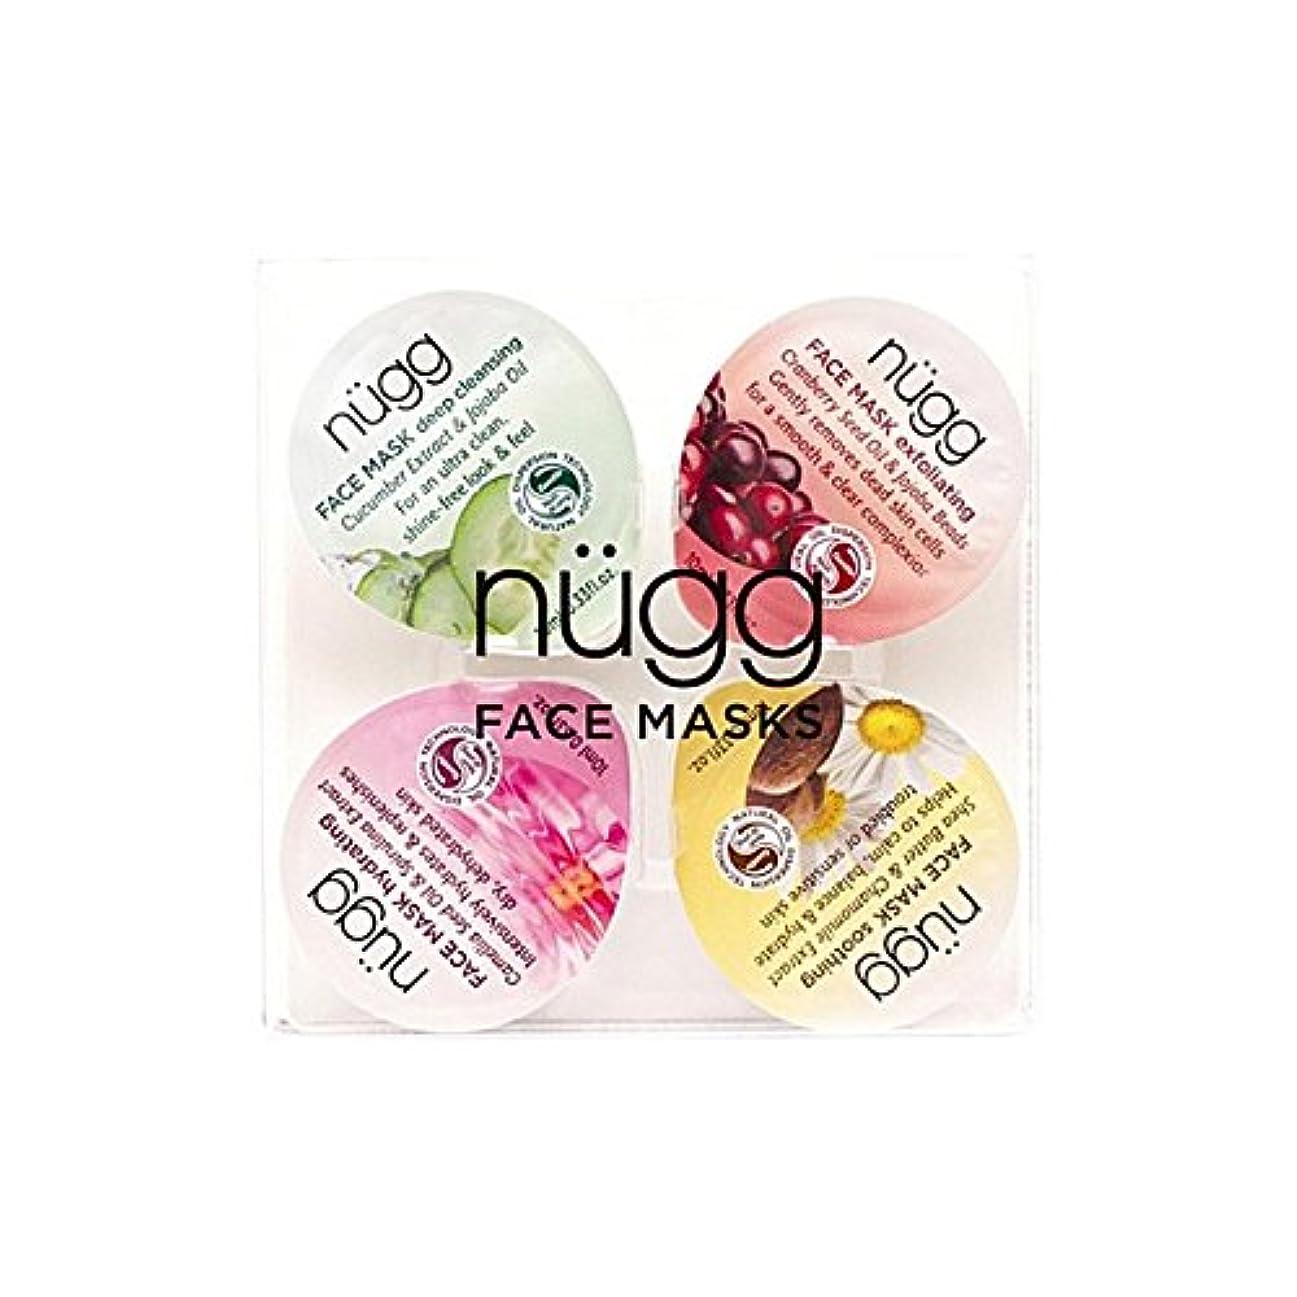 フェイスマスクセット x2 - Nugg Face Mask Set (Pack of 2) [並行輸入品]